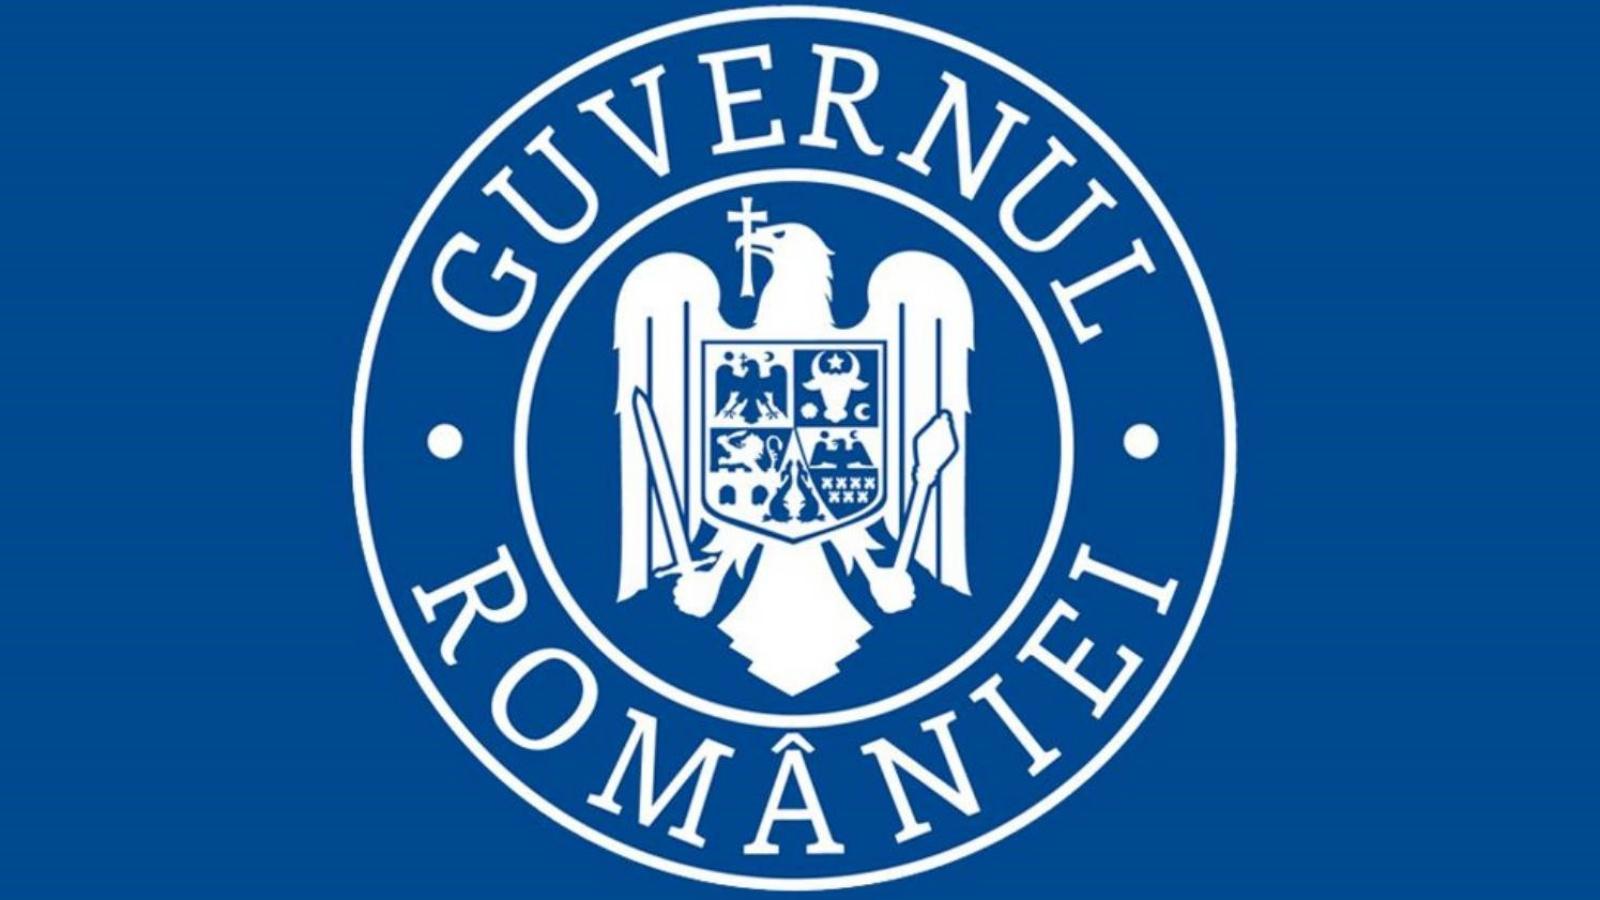 Guvernul Romaniei Prelungi Starea Alerta Septembrie 2021